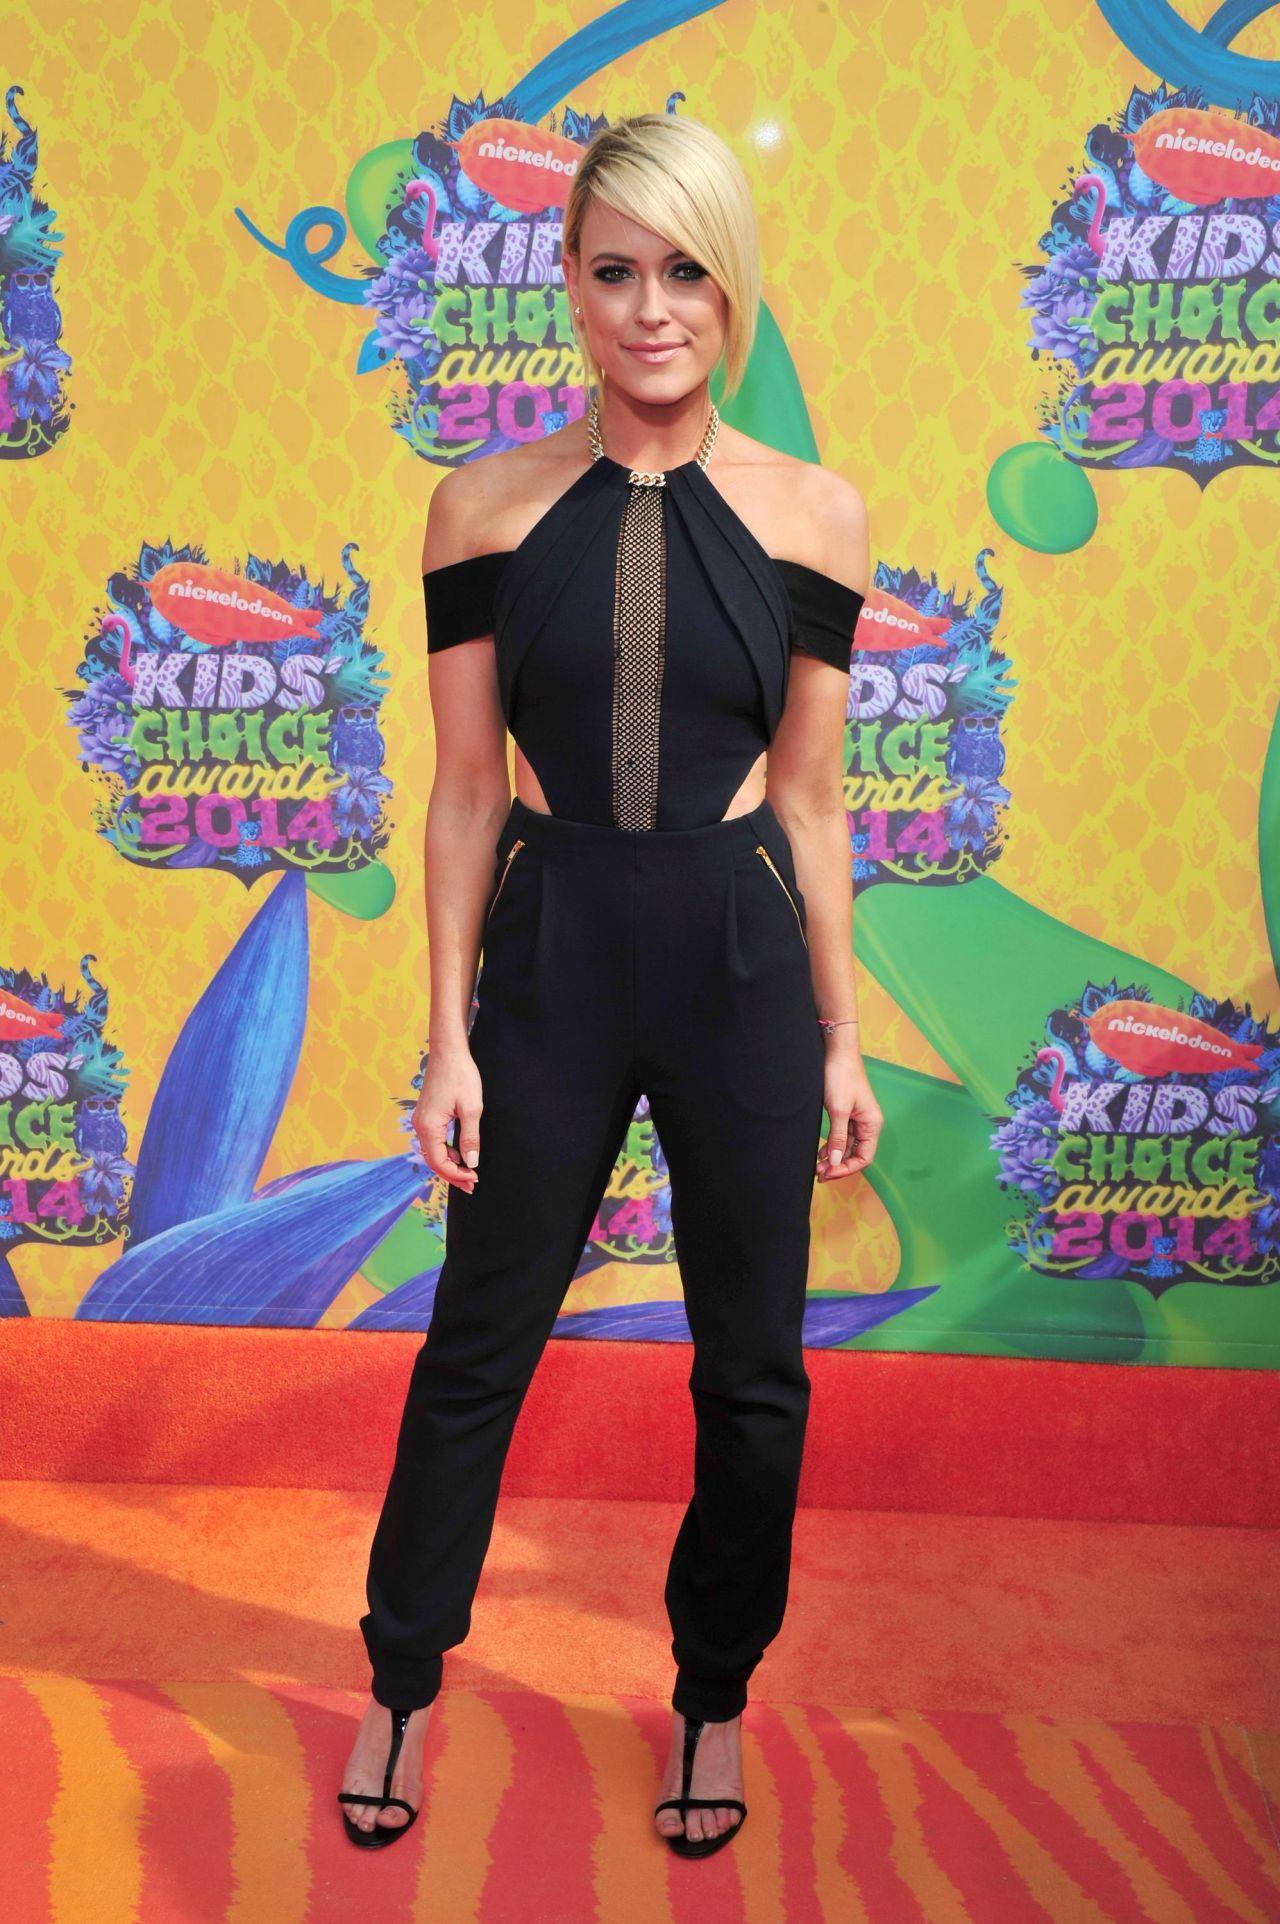 Peta Murgatroyd - Nickelodeon's Kids' Choice Awards 2014